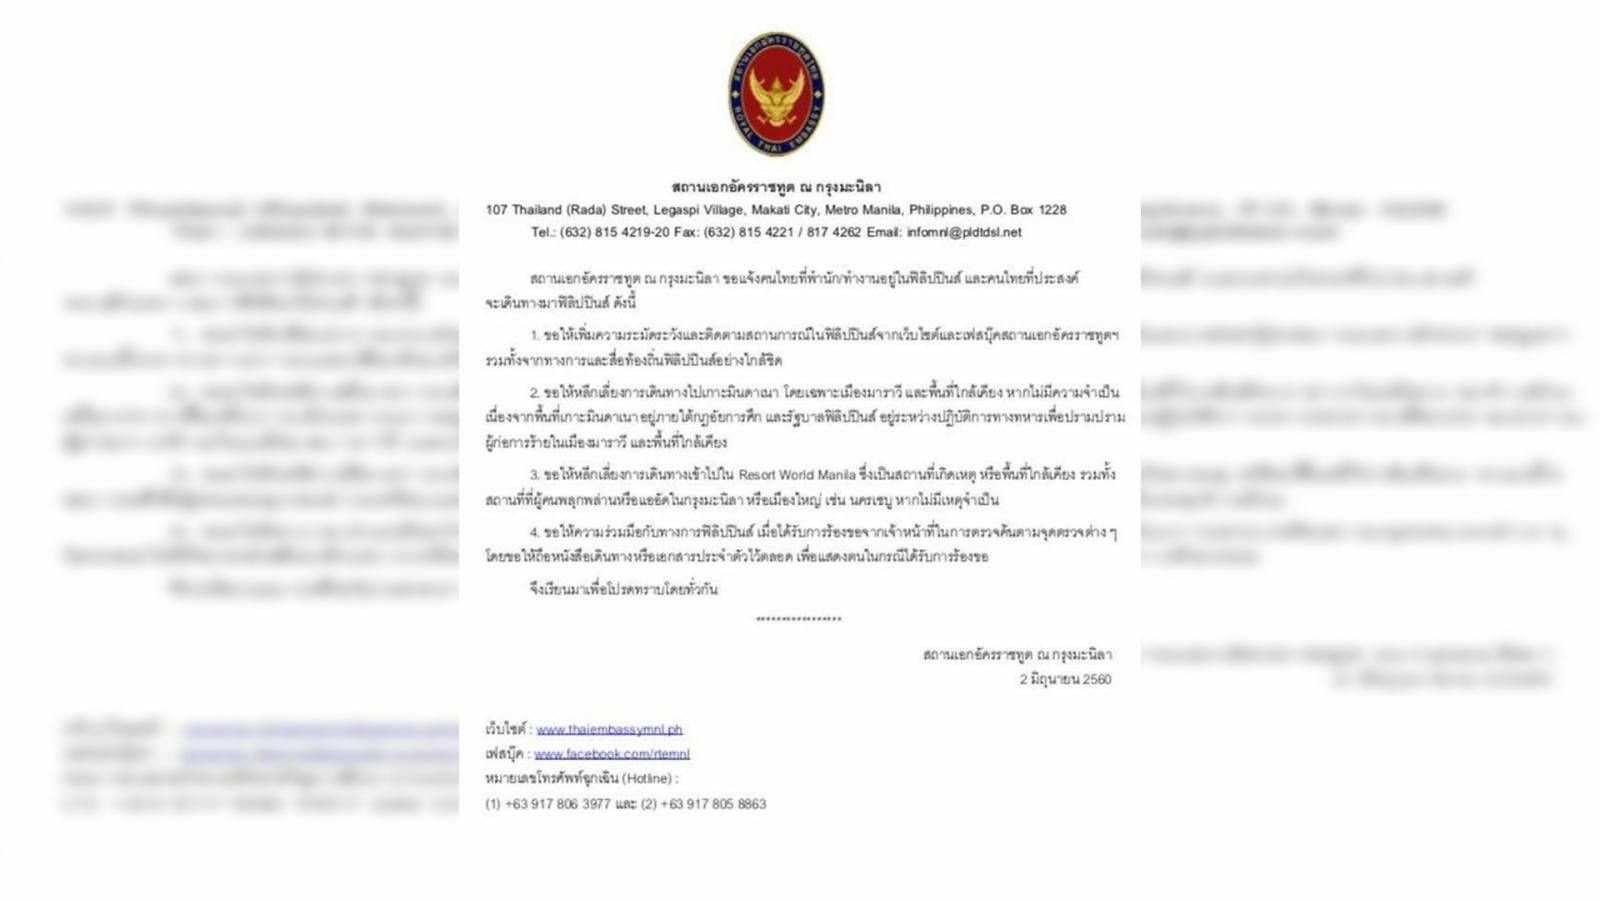 สถานทูตฯกรุงมะนิลาเตือนคนไทยที่พำนัก-ทำงาน ติดตามเหตุการณ์อย่างใกล้ชิด